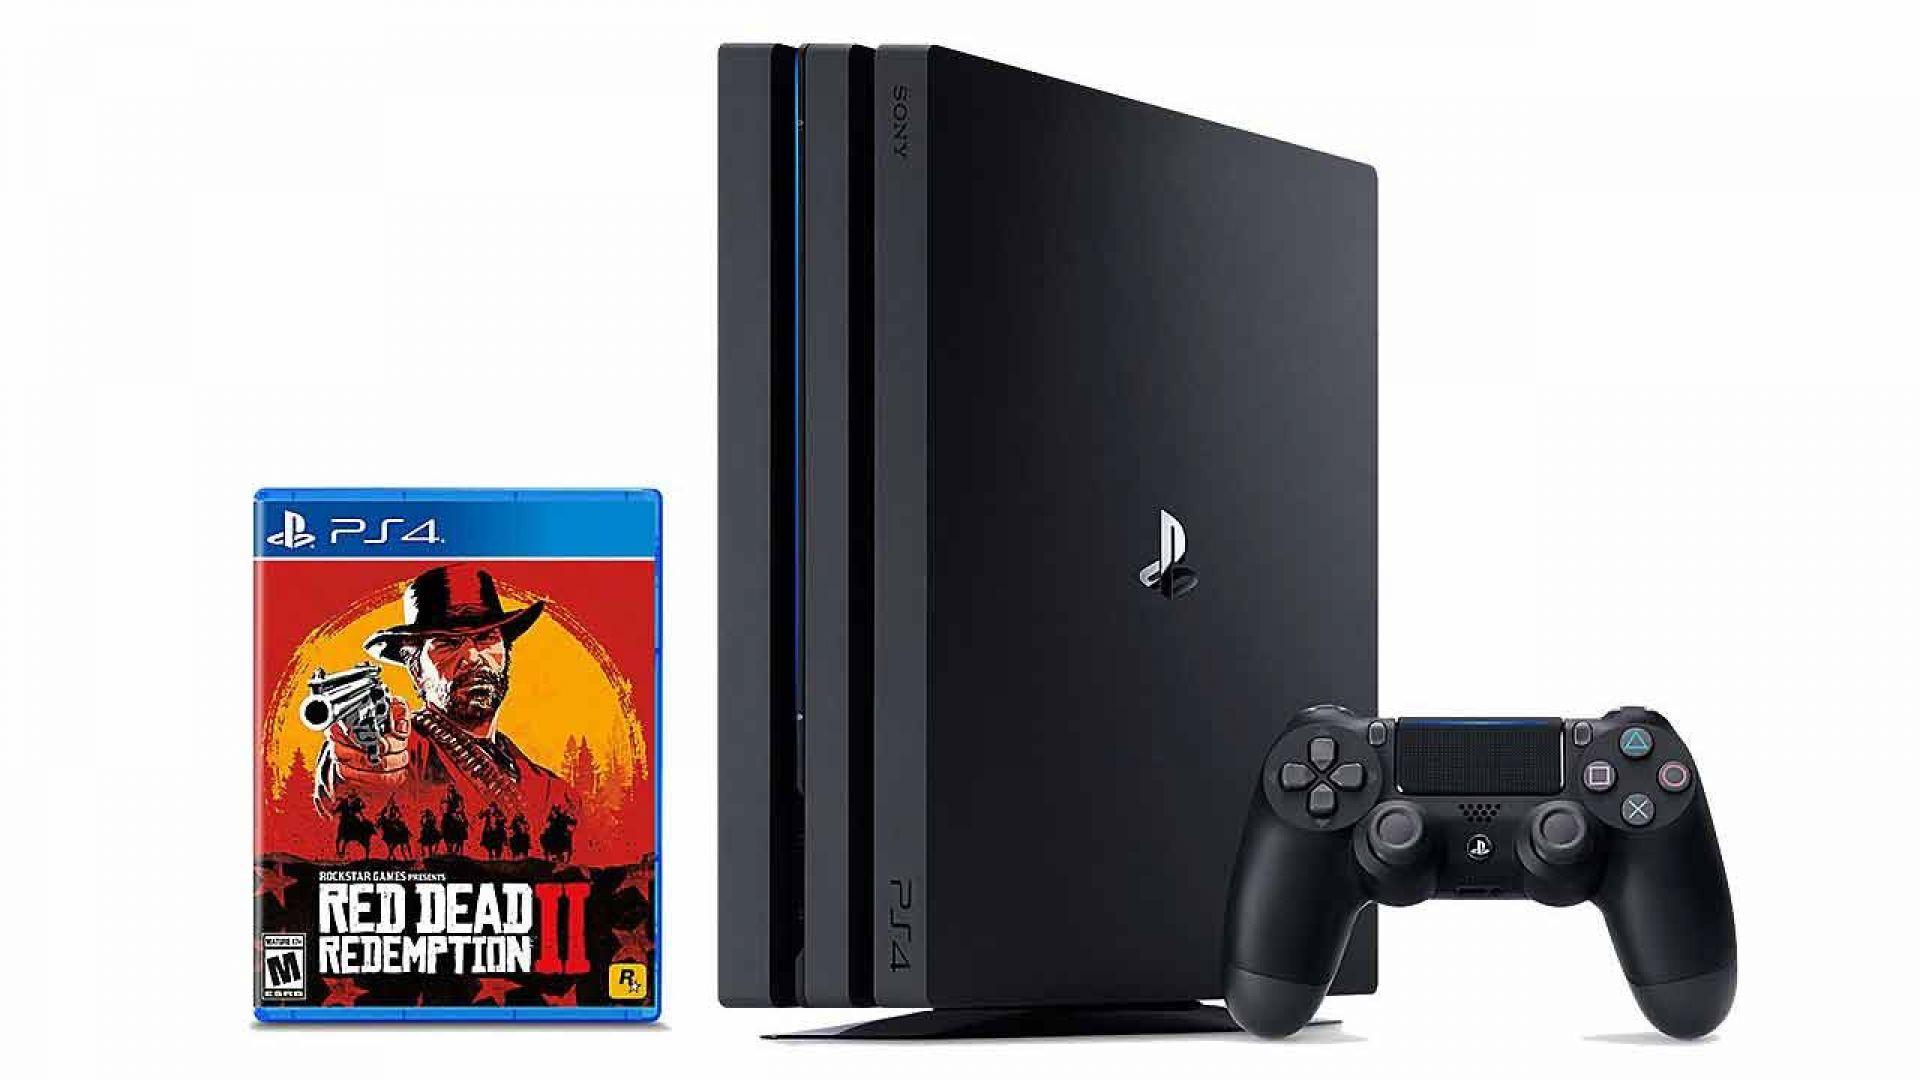 از باندل پلی استیشن 4 پرو بازی Red Dead Redemption 2 رونمایی شد